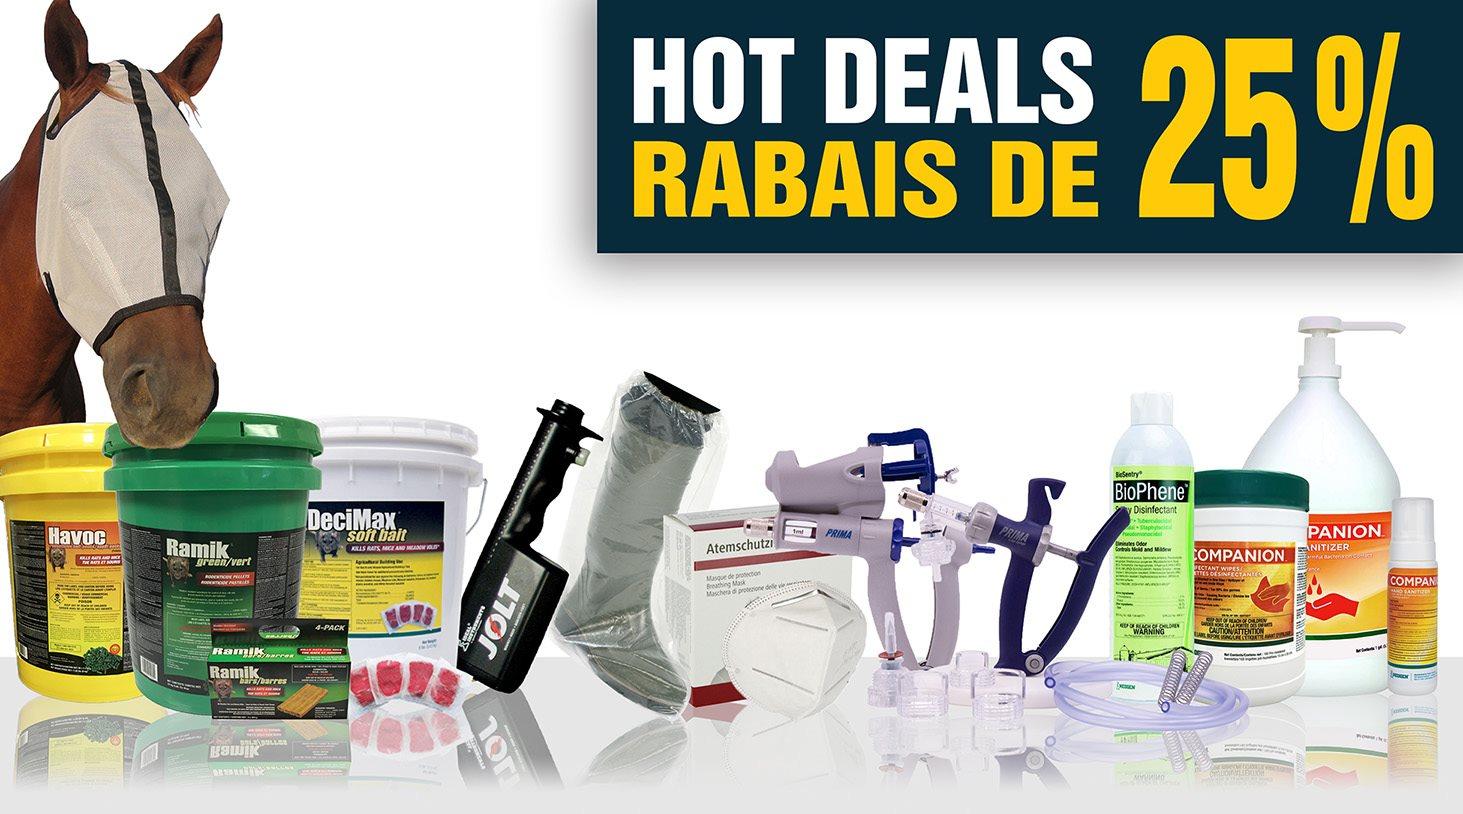 Hot Deals - Rabais de 25%